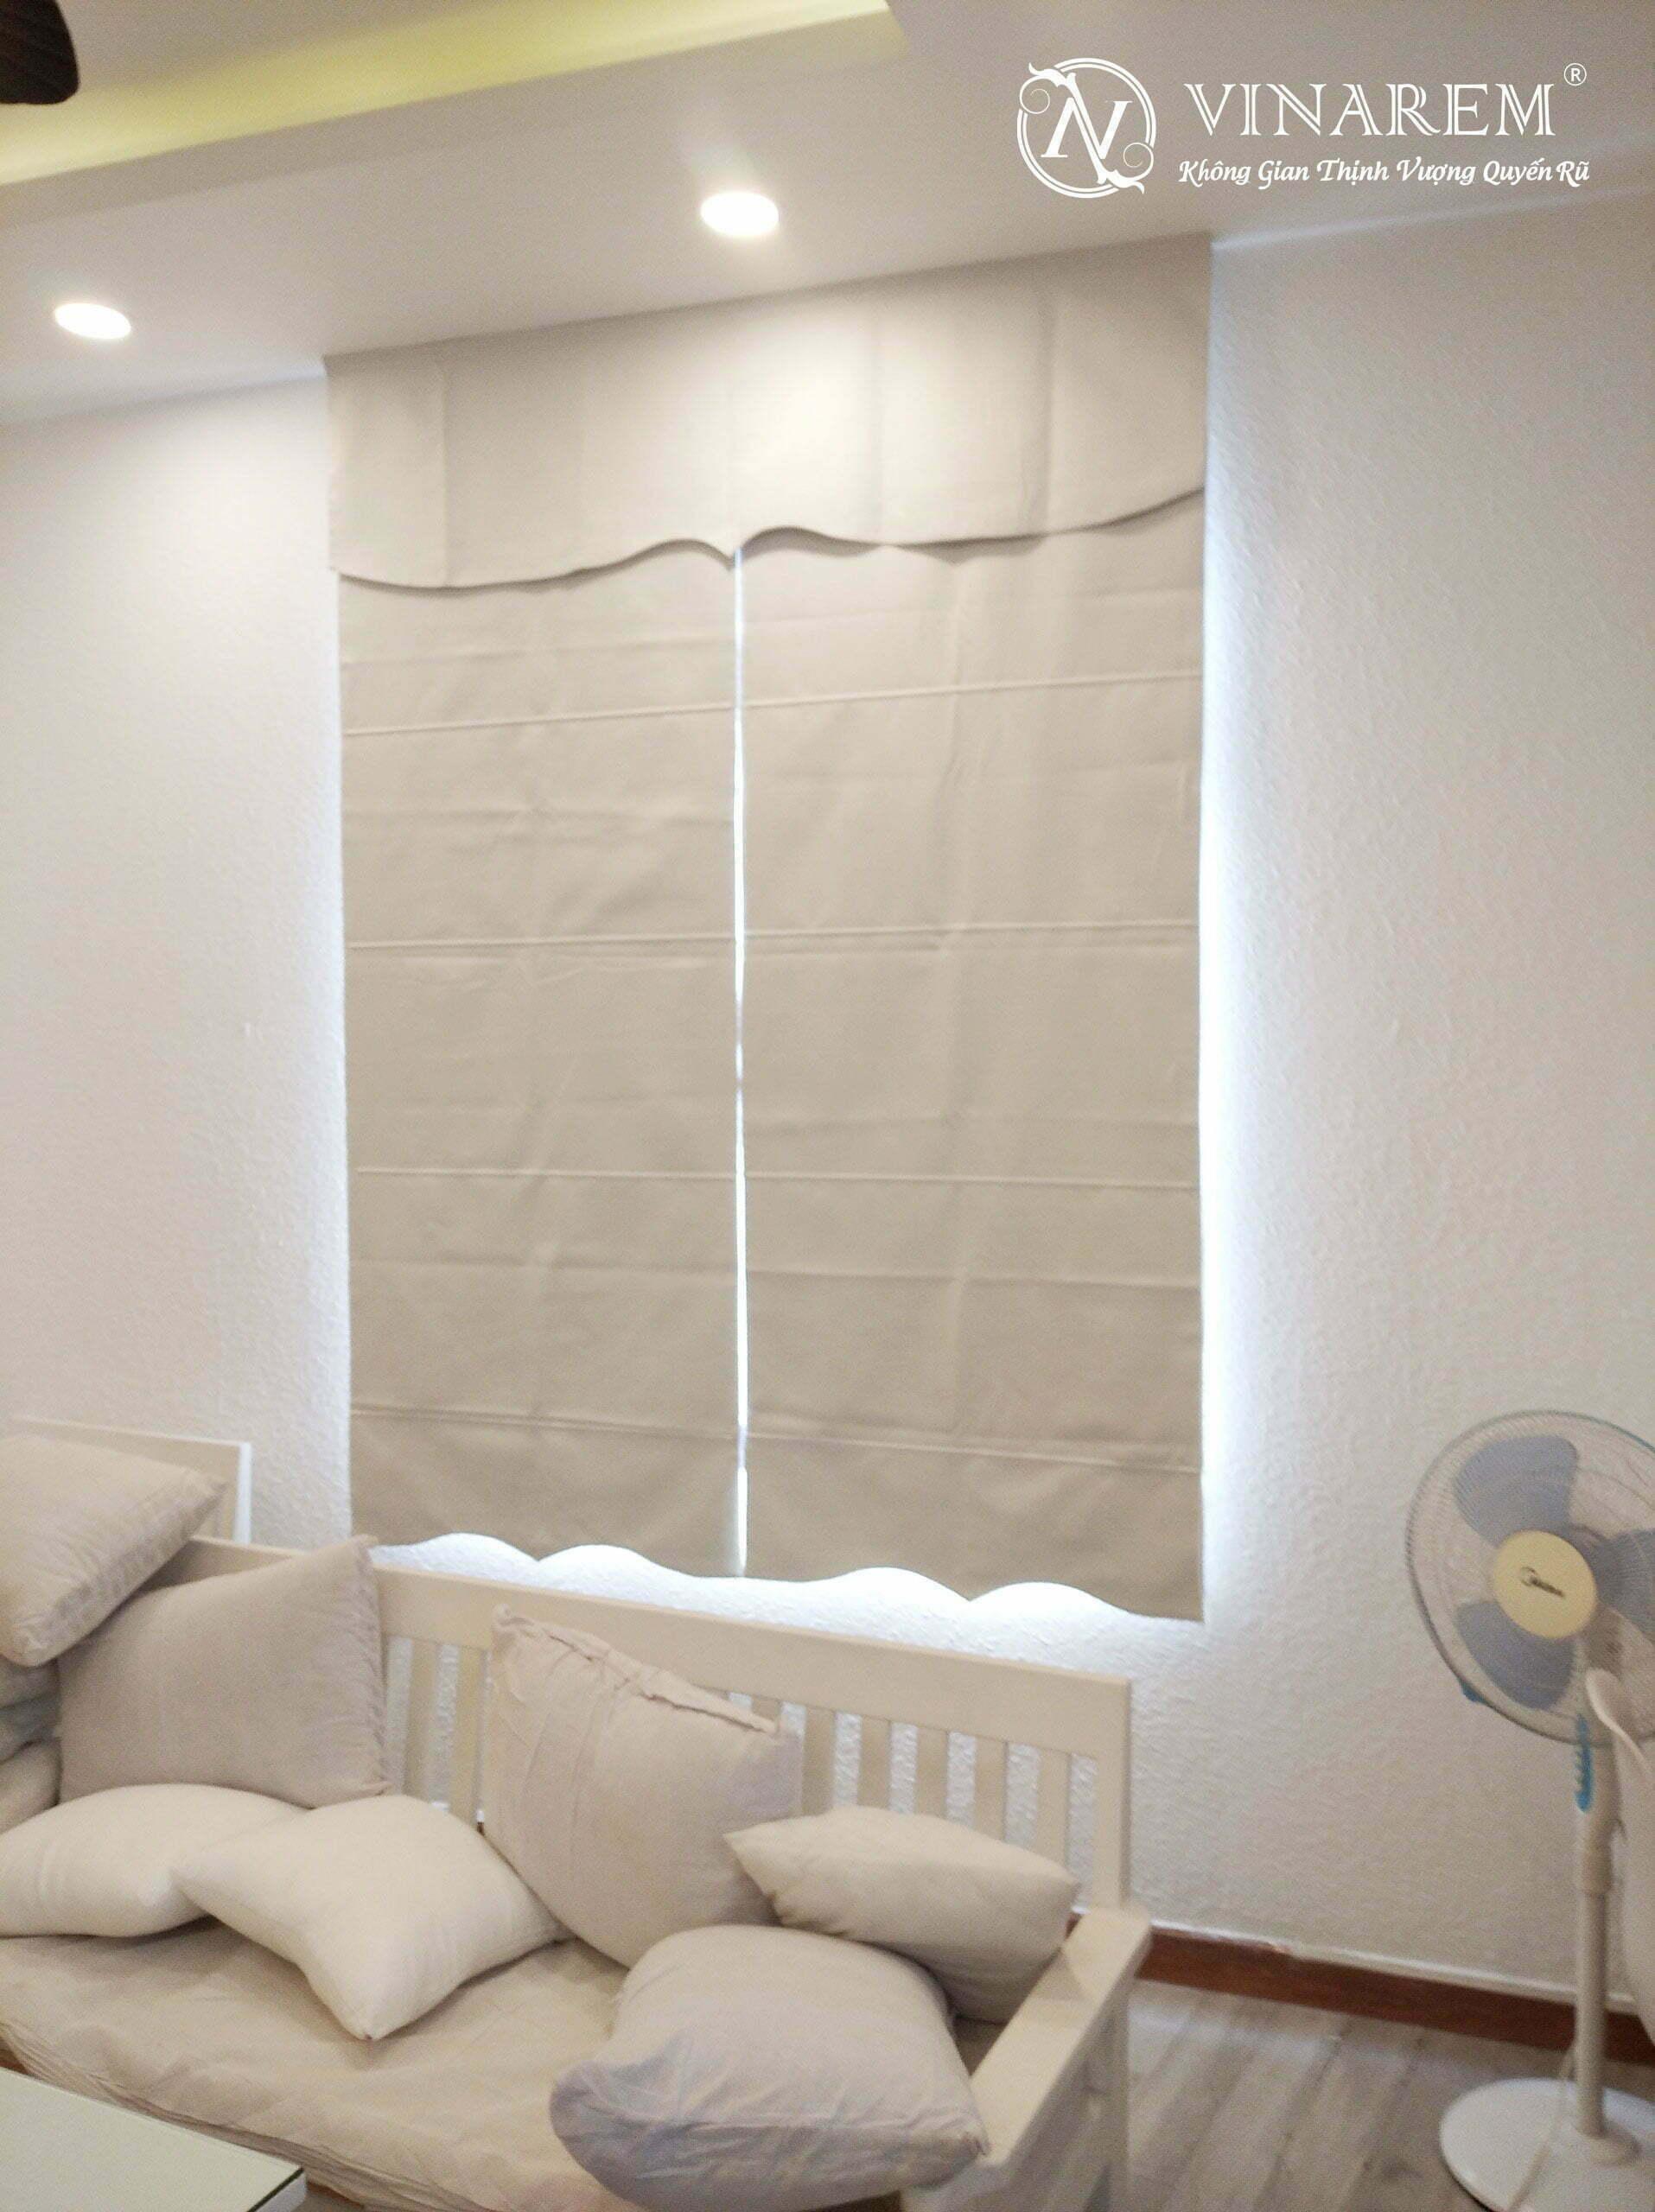 Rèm roman màu trắng cho cửa sổ   Vinarem